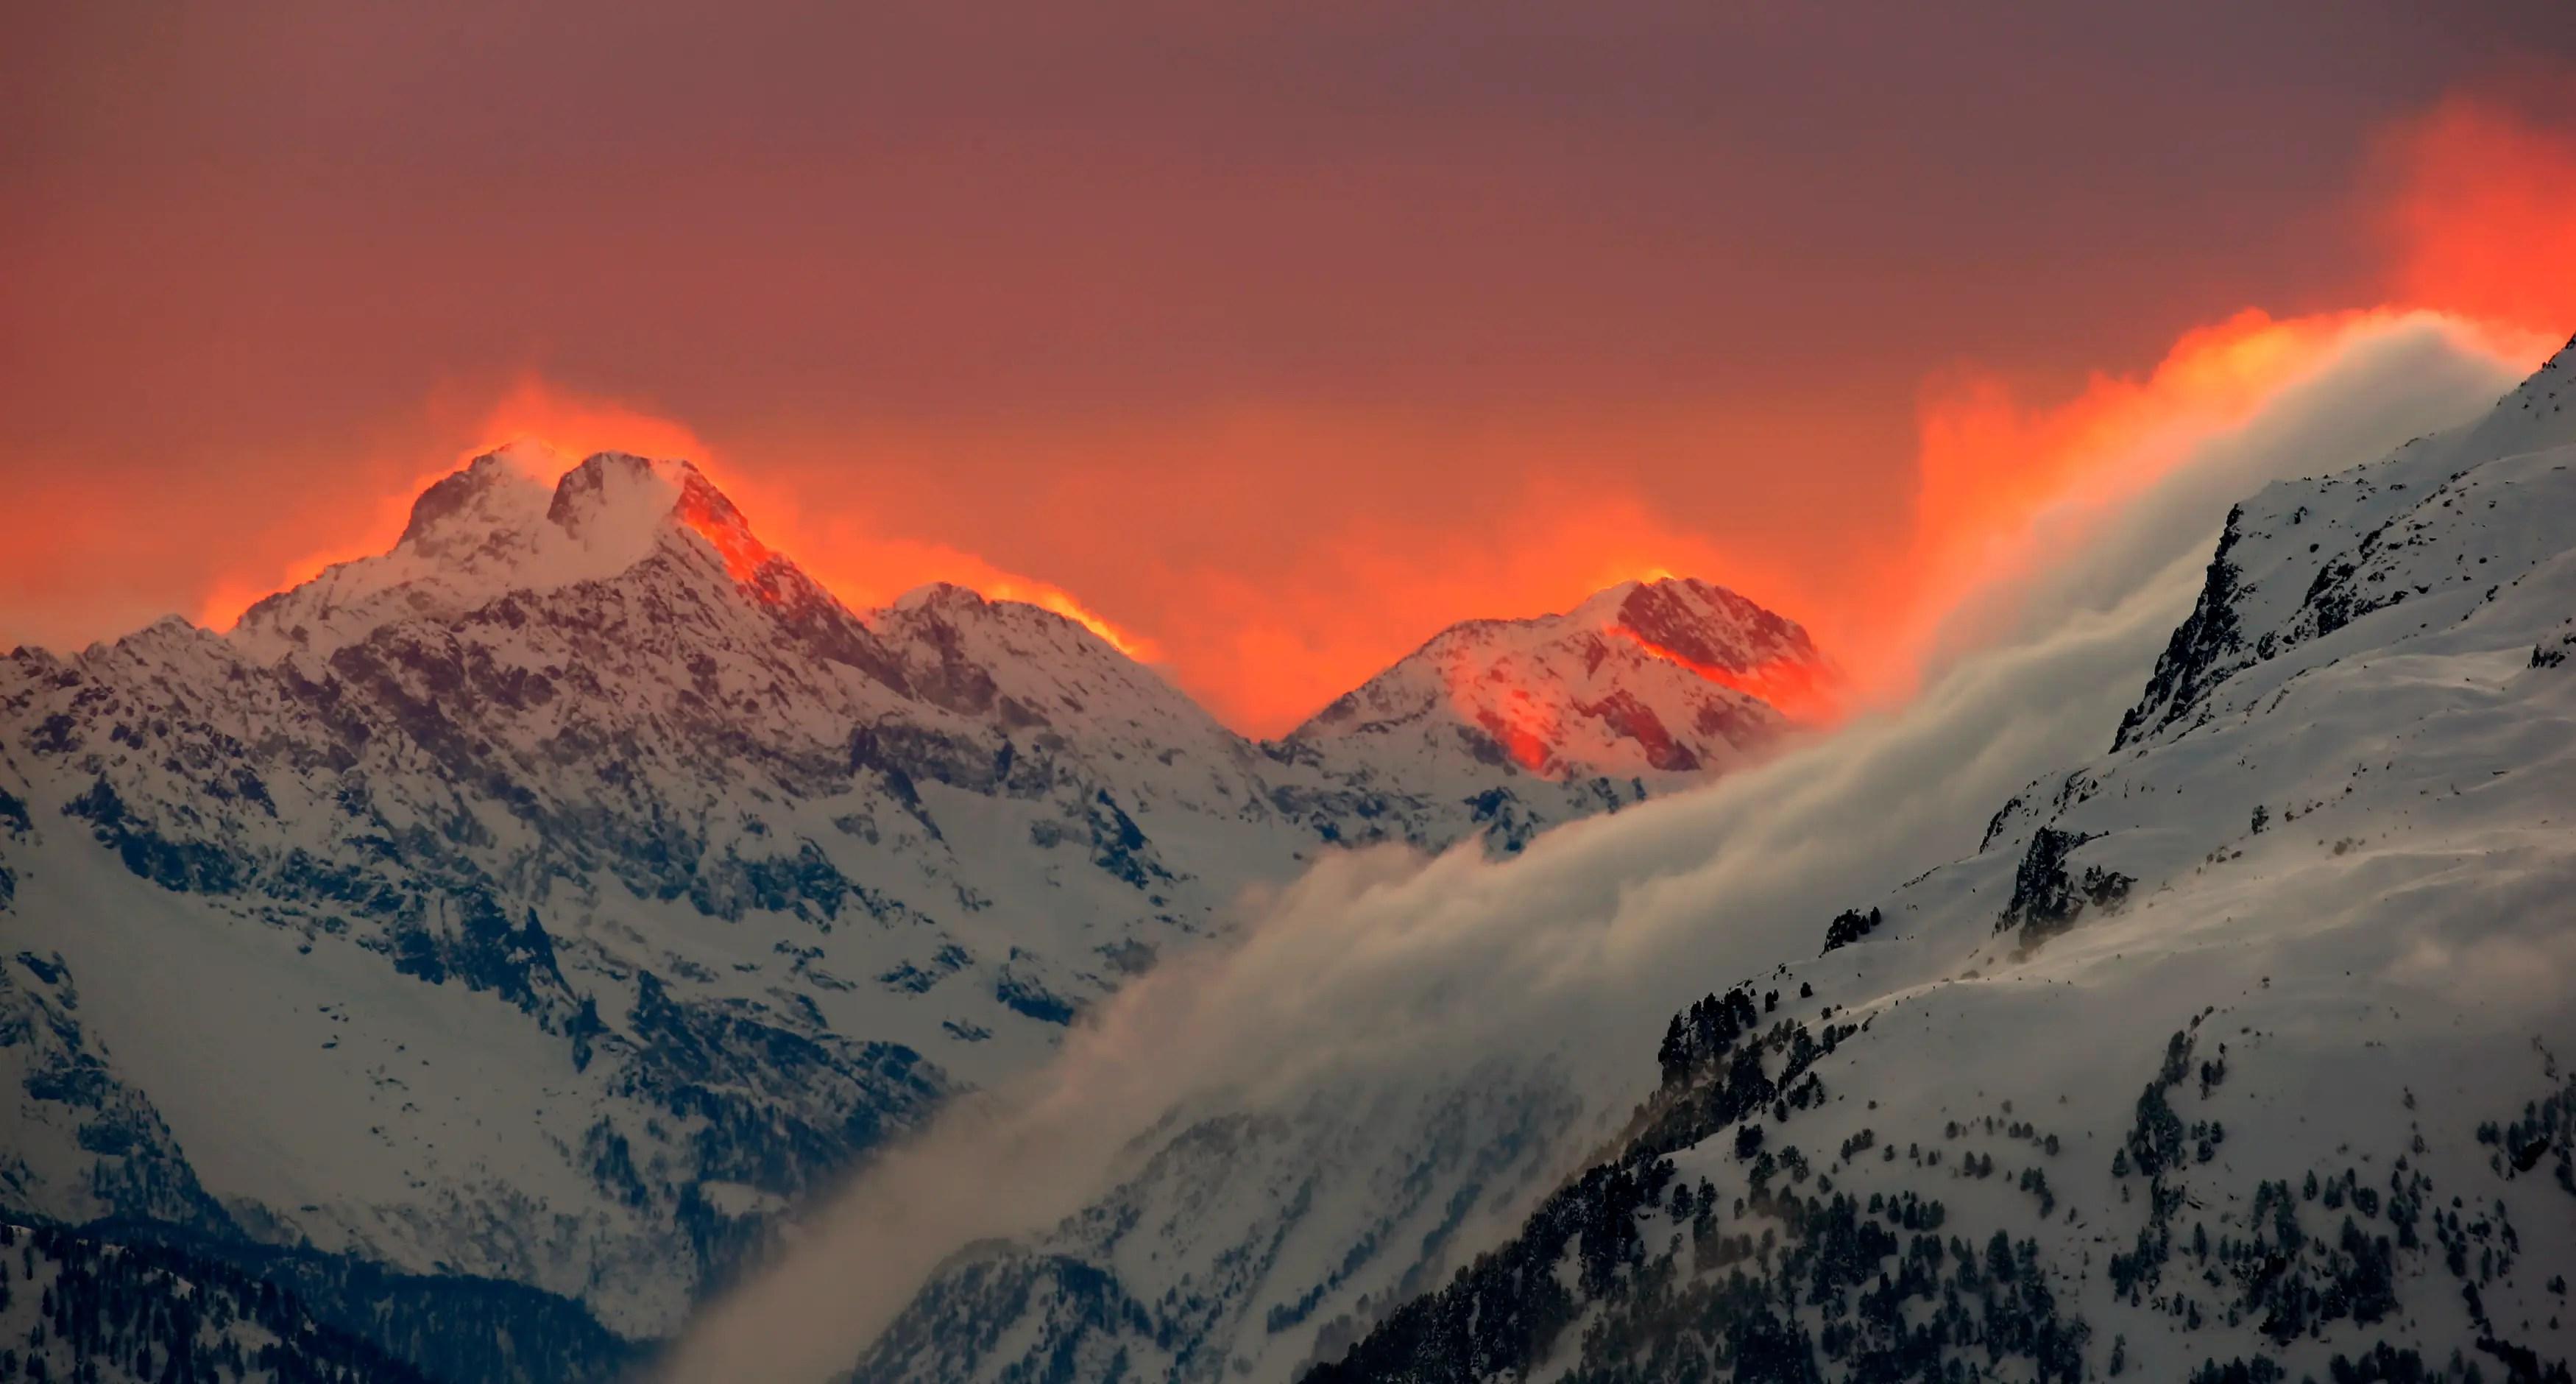 The sunset lights up mountains near a Swiss resort.